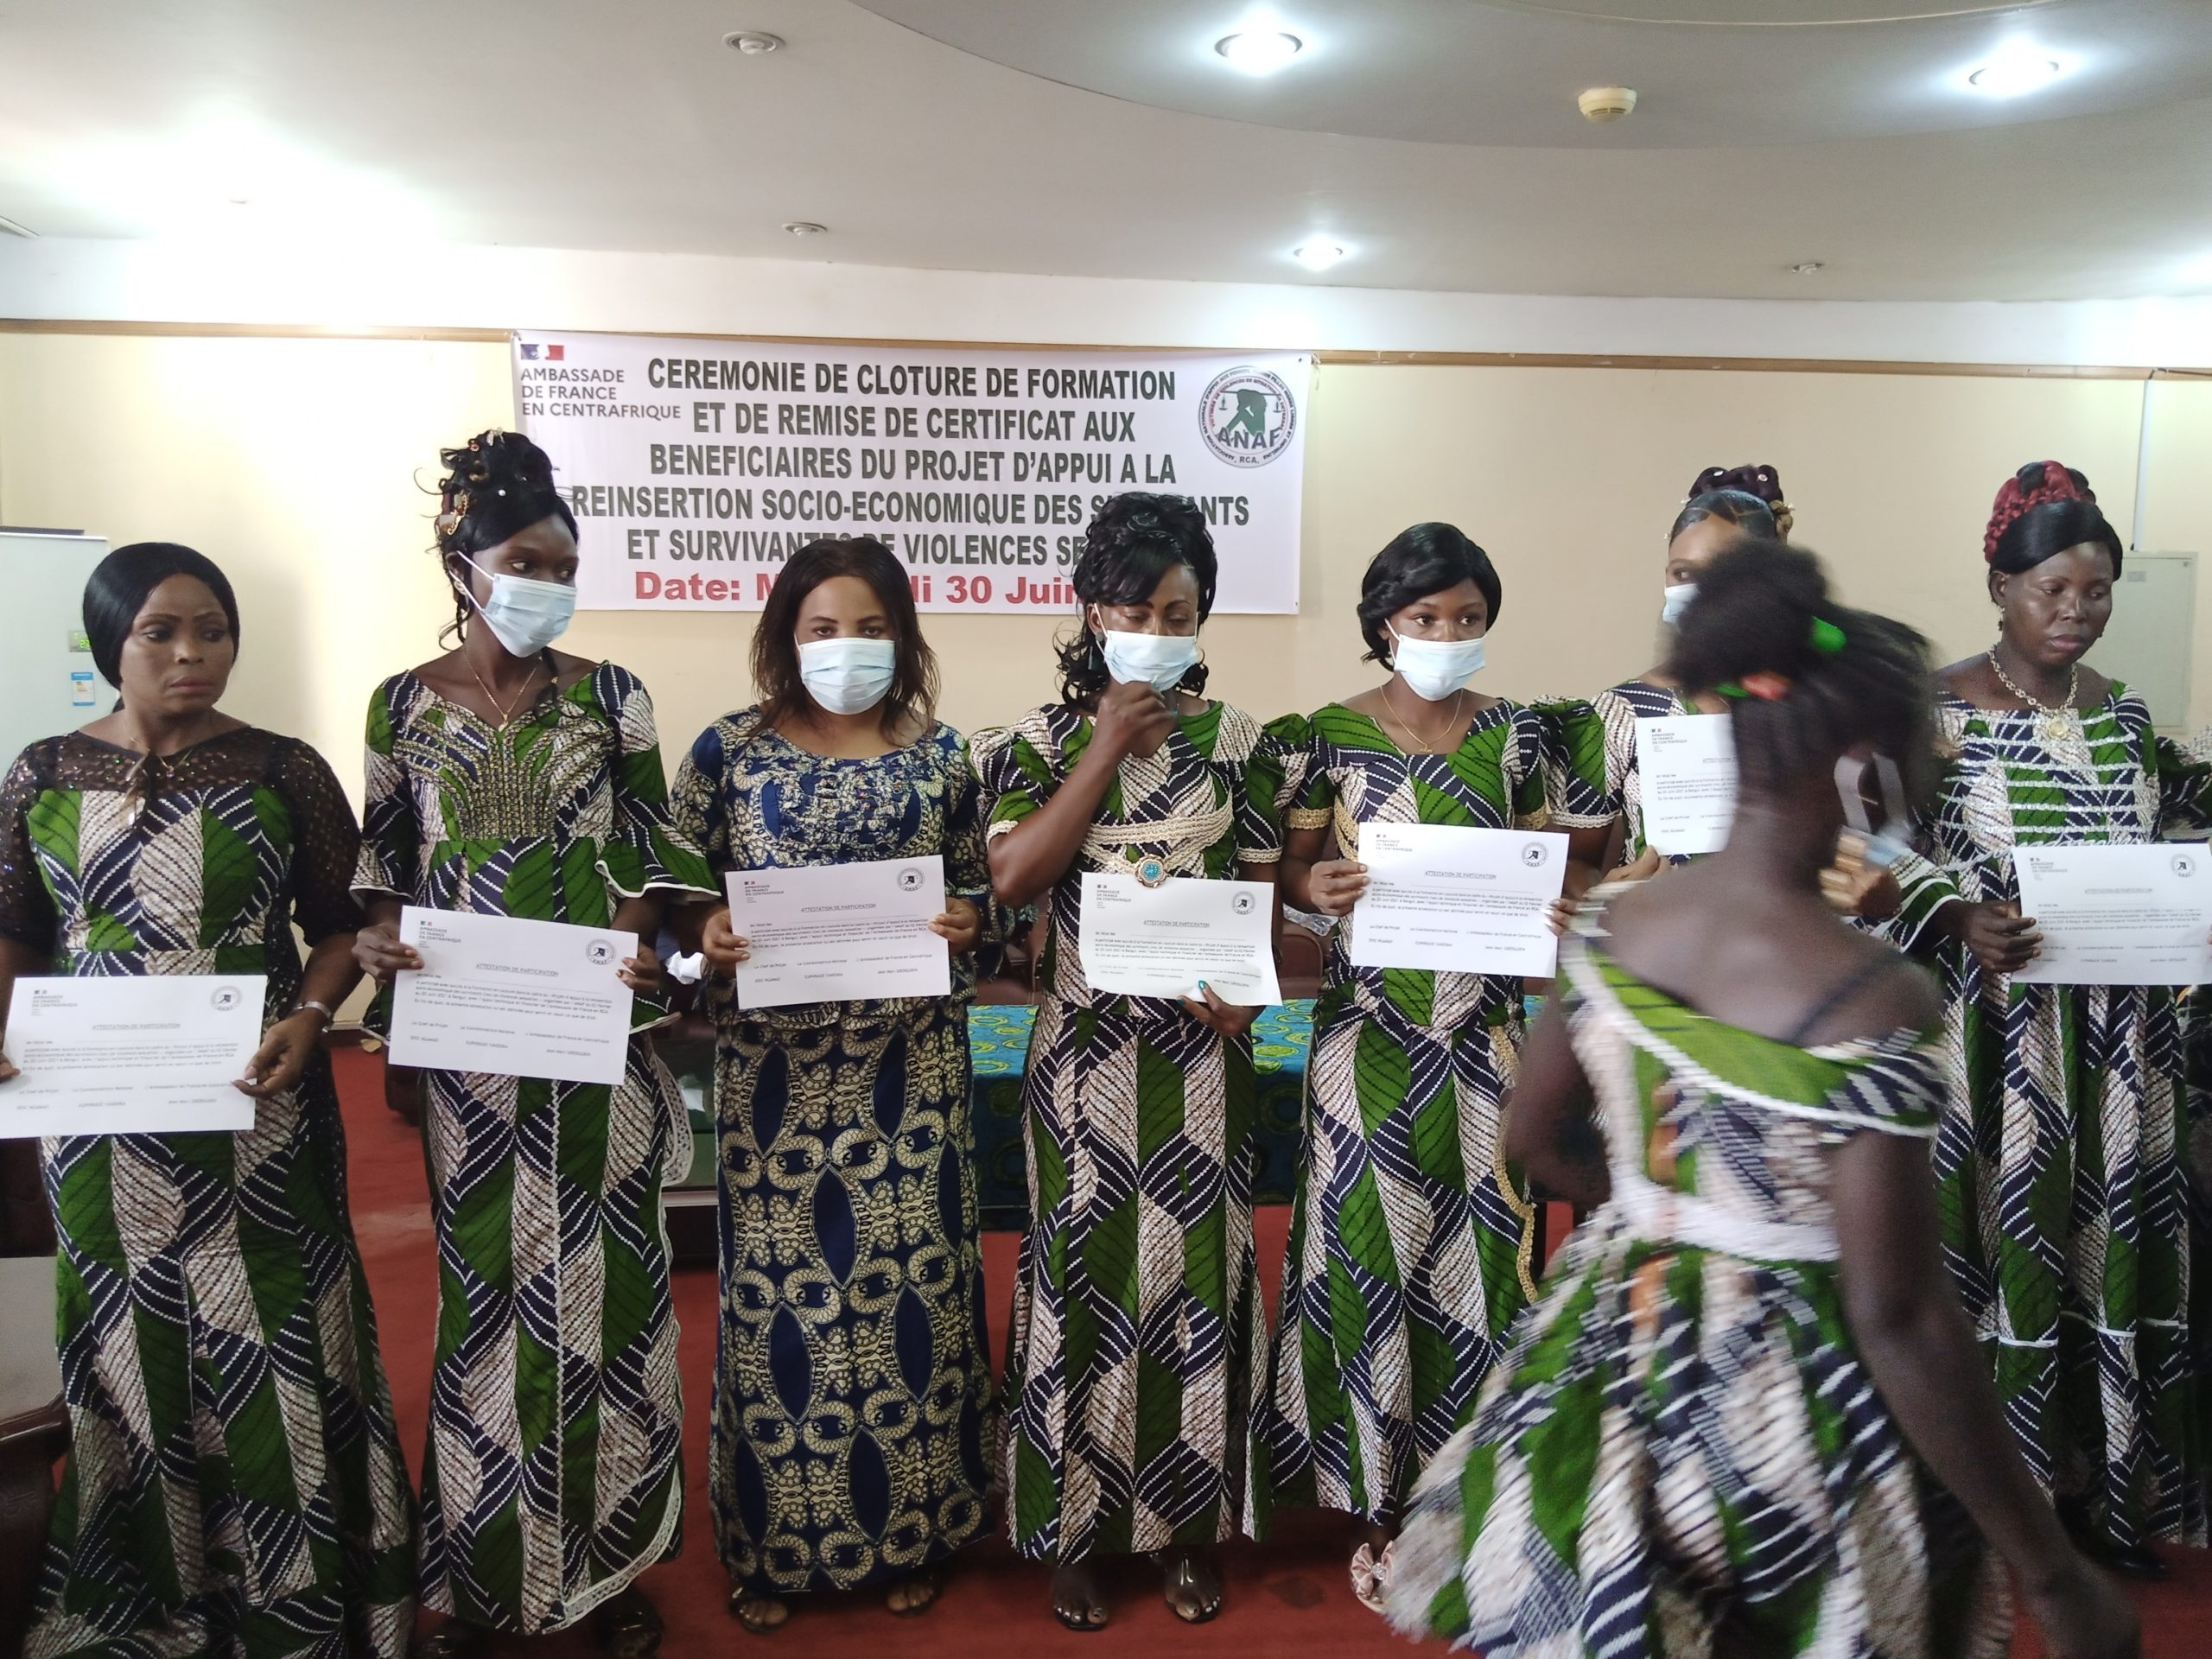 Centrafrique : L'association « ANAF » appuie les survivants de violences sexuelles dans les activités génératrices de revenus